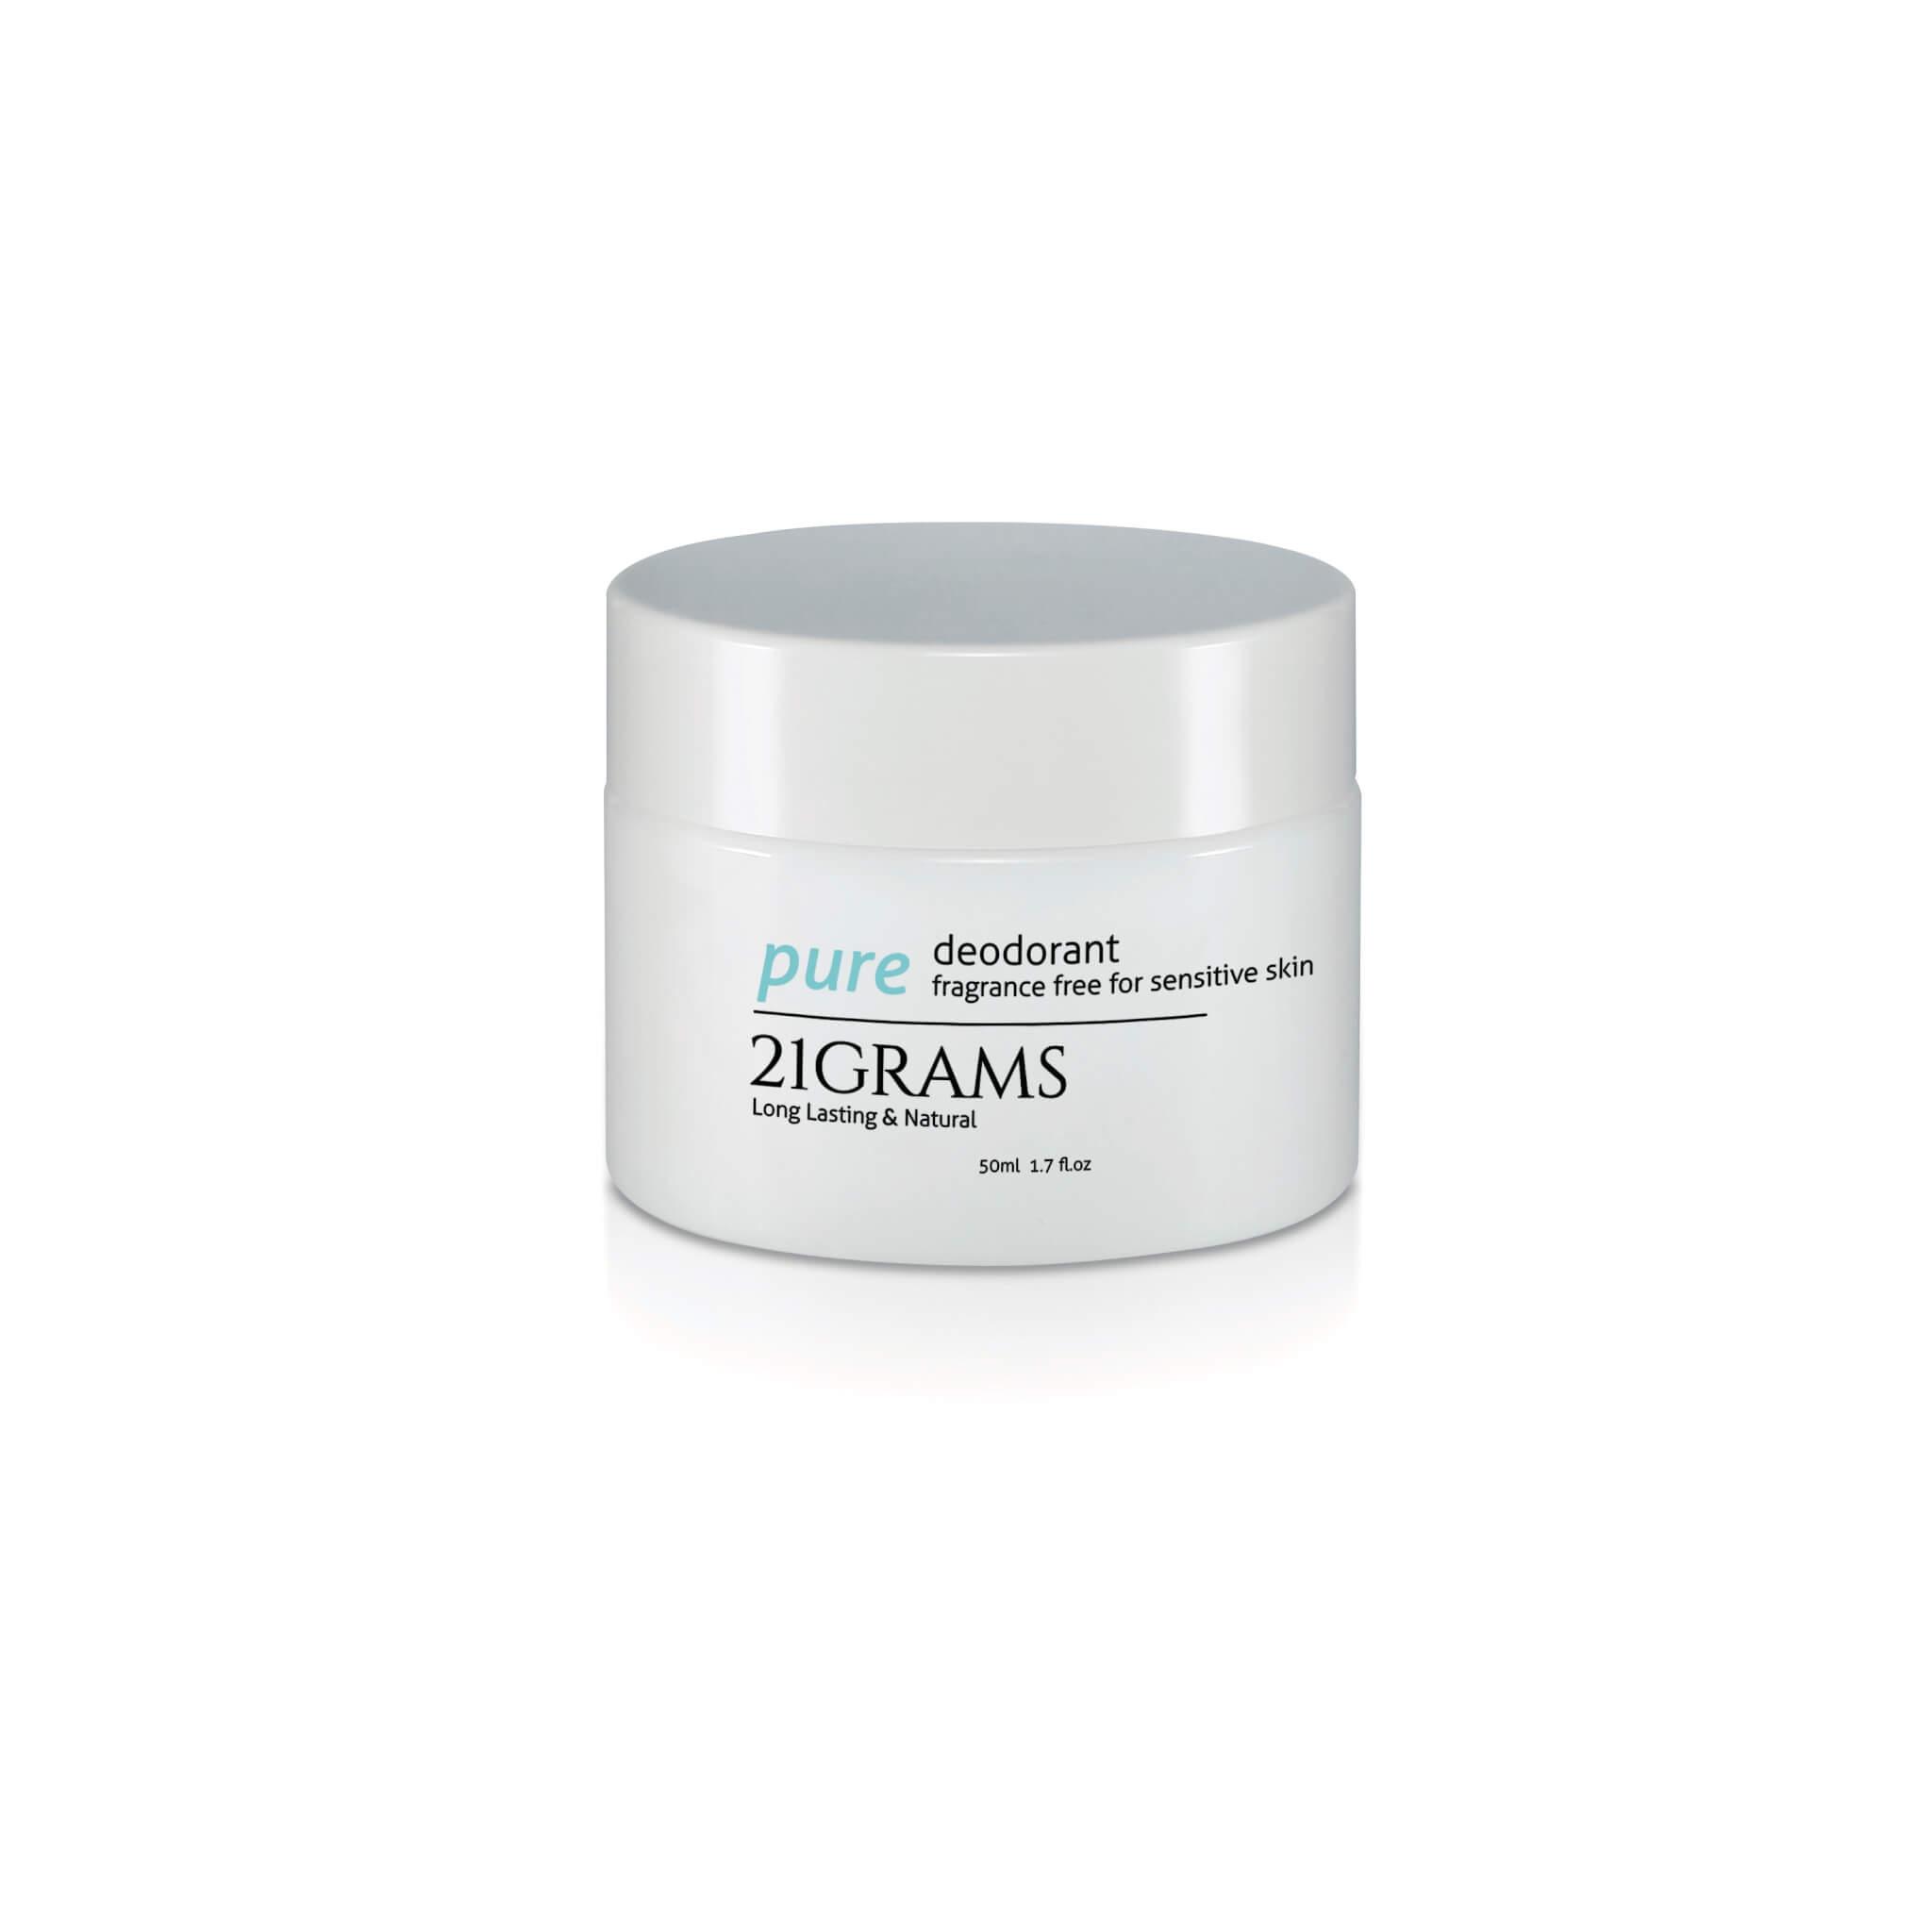 21GRAMS PURE香汗膏 HK$224/50g 不含鋁鹽、酒精、香料、Paraben及防腐劑,以純天然配方去抗菌除味。並加入有機葛粉,以物理方式去吸取皮膚上的多餘汗水,達到長效抗臭。Cream狀質地可於運動後清潔完皮膚再補擦。